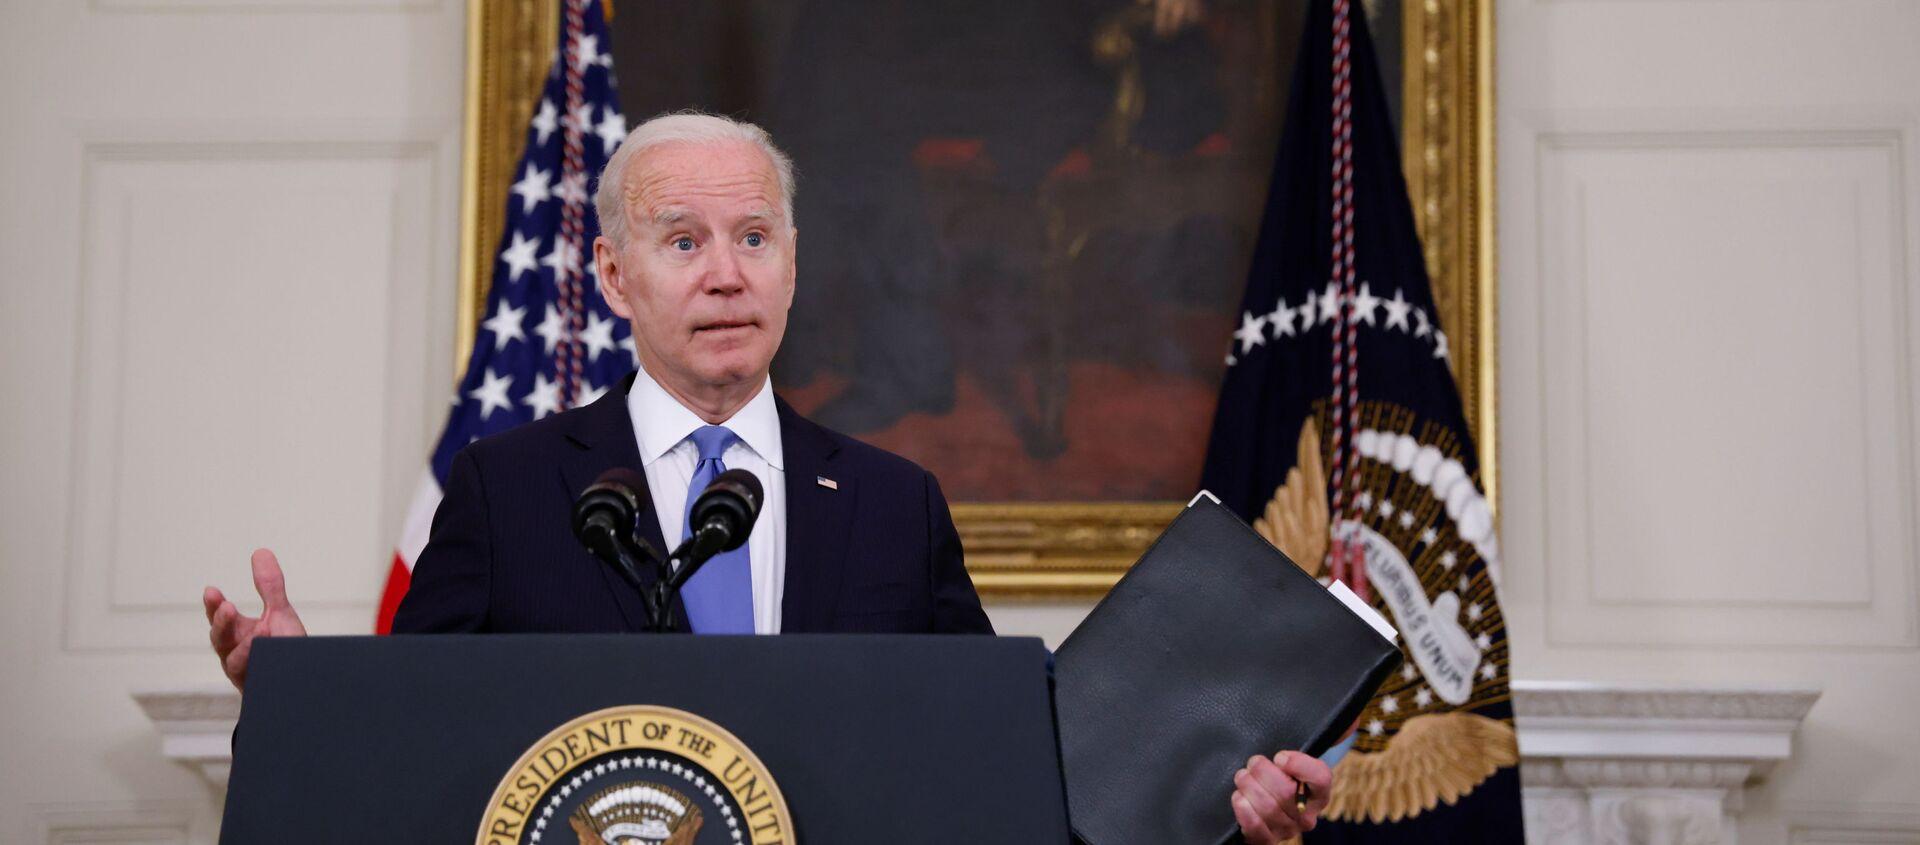 Tổng thống Hoa Kỳ Joe Biden phát biểu về tình trạng Kế hoạch Giải cứu người Mỹ của ông từ Phòng ăn Nhà nước tại Nhà Trắng ở Washington, D.C., Hoa Kỳ, ngày 5 tháng 5 năm 2021 - Sputnik Việt Nam, 1920, 19.05.2021